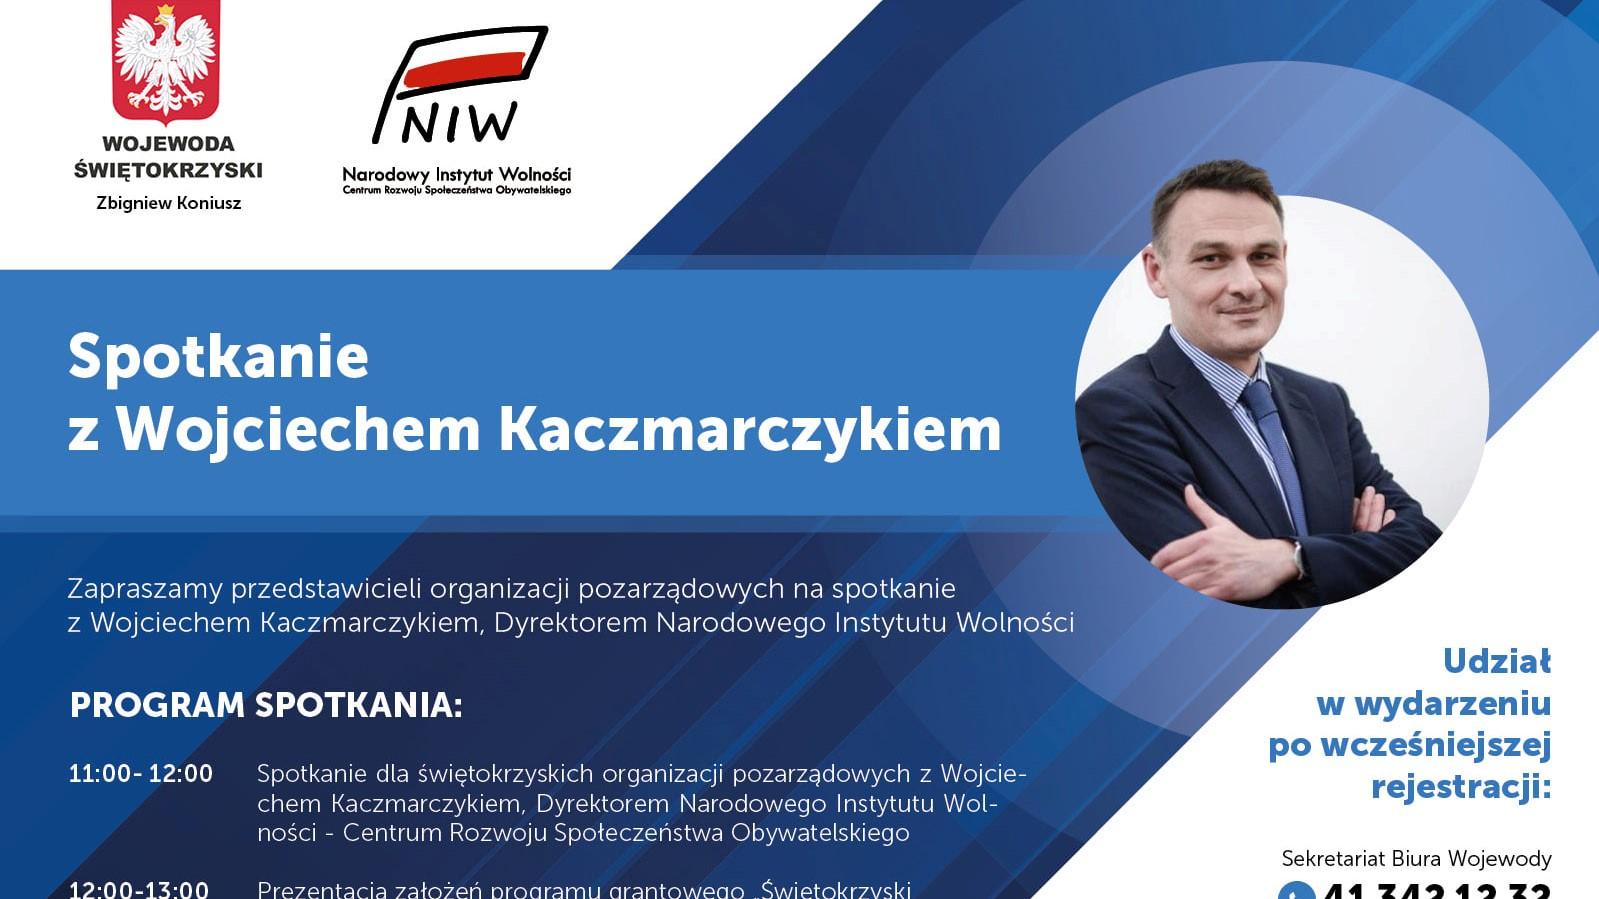 Spotkanie dyrektora NIW-CRSO z przedstawicielami NGO w Kielcach